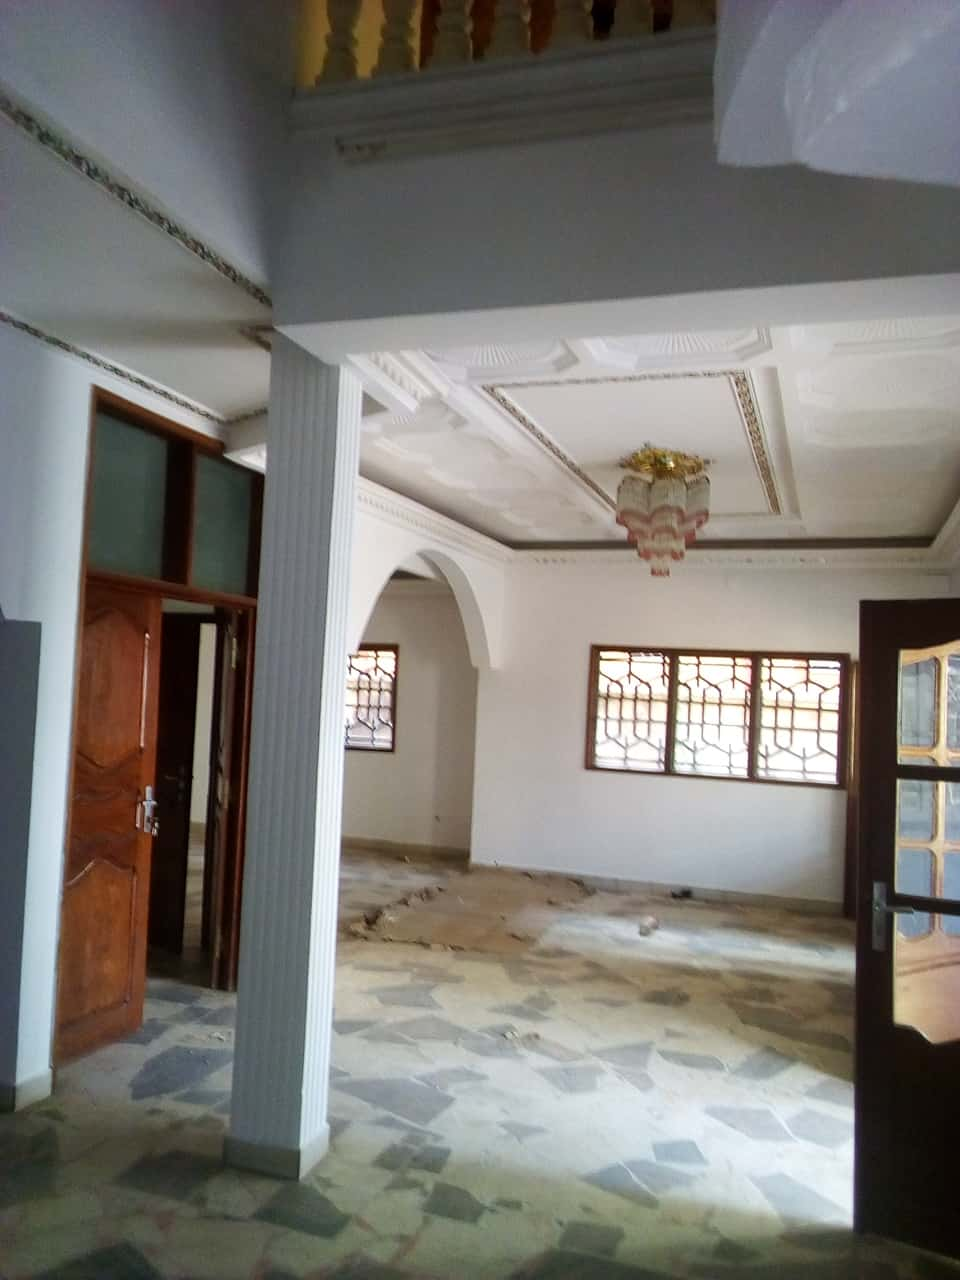 Bureau à louer à Yaoundé, Bastos, pas loin de lhotel le diplomate - 700 m2 - 1 500 000 FCFA